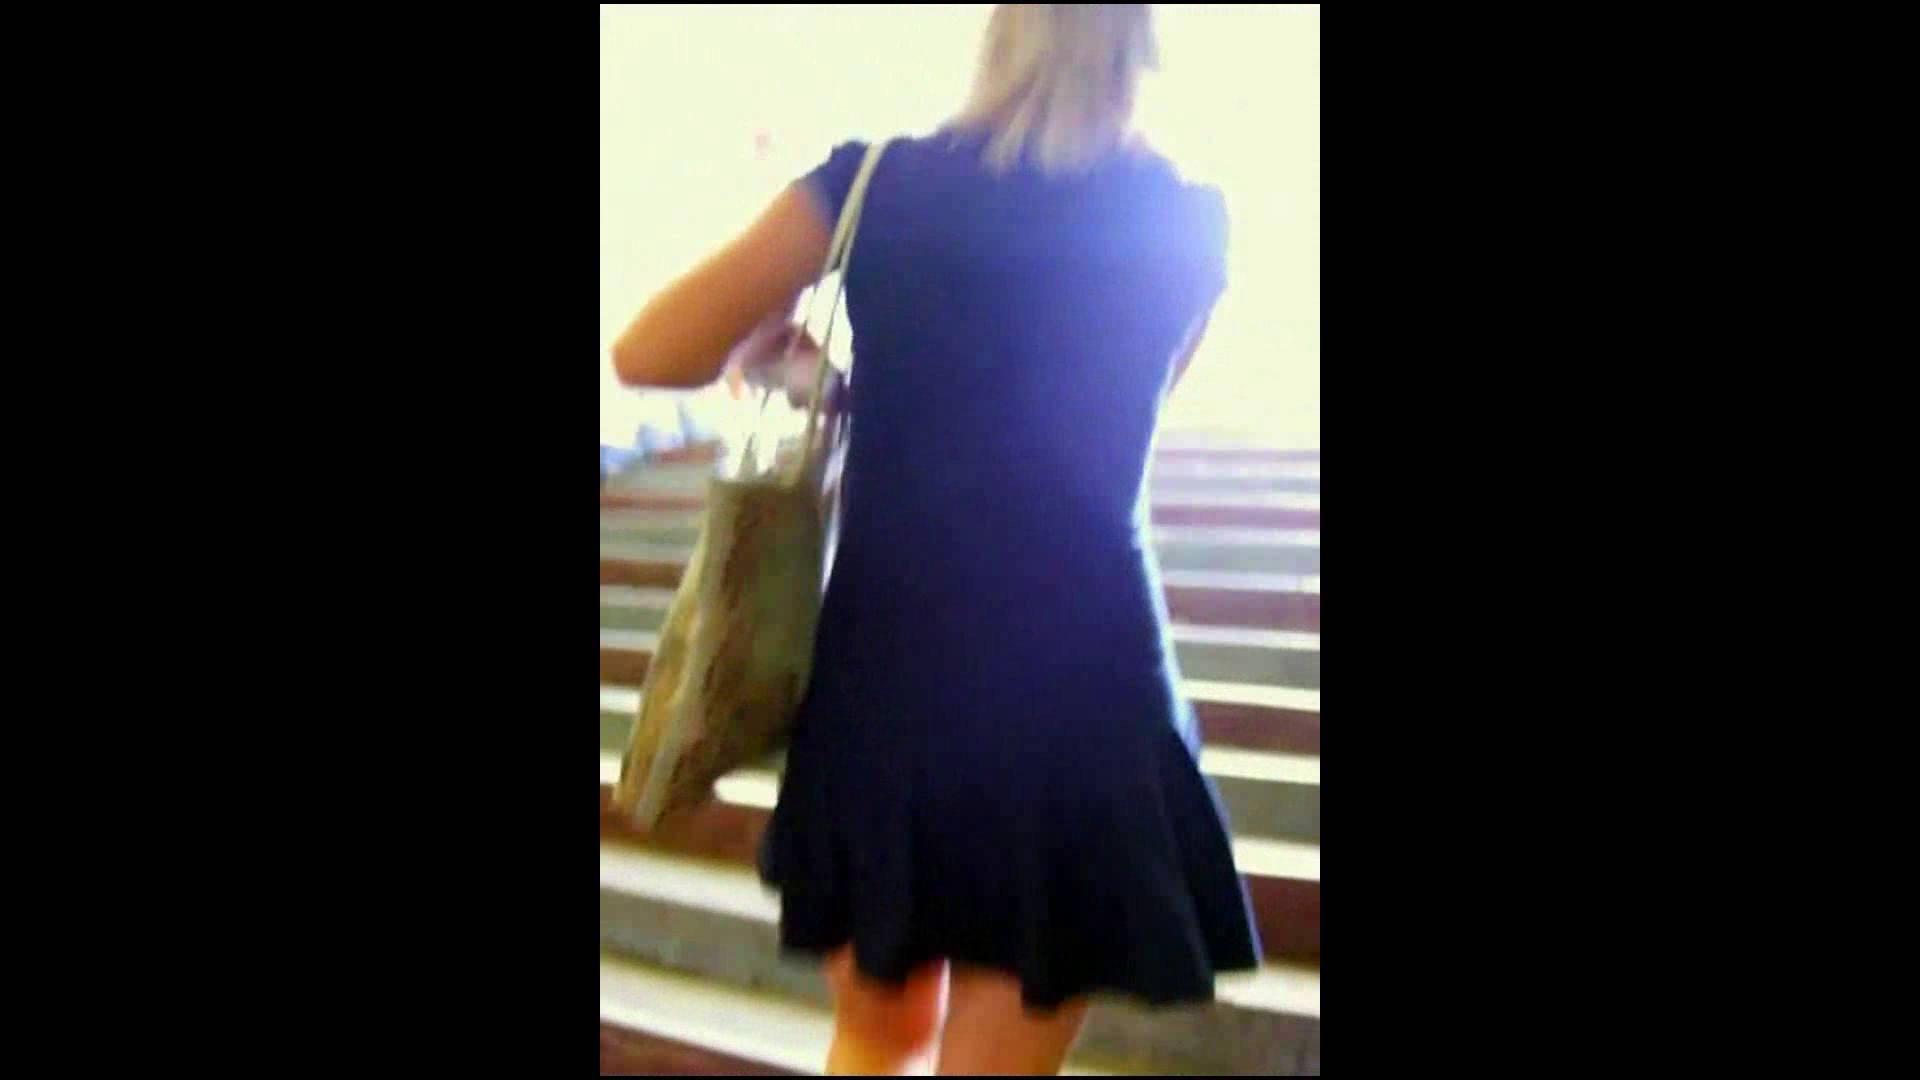 綺麗なモデルさんのスカート捲っちゃおう‼vol04 お姉さん丸裸  82pic 60